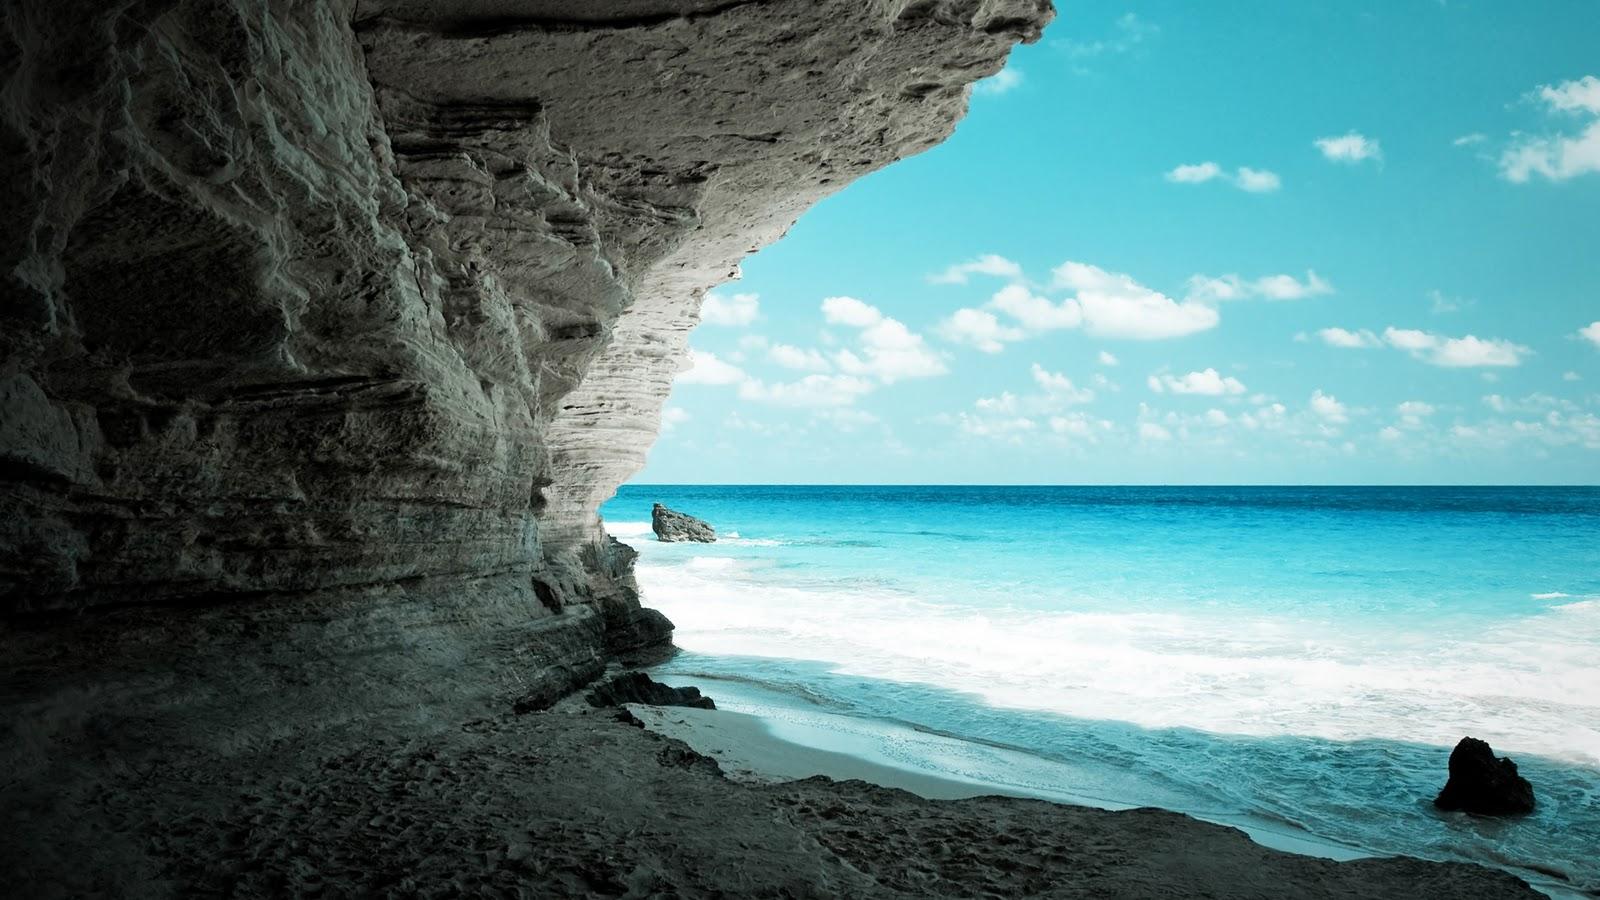 http://3.bp.blogspot.com/-c4oRmUD76uY/TvcJioB3ipI/AAAAAAAAAAs/zCjQlnKupYw/s1600/agiba-beach-wallpaper-Full-HD.jpg